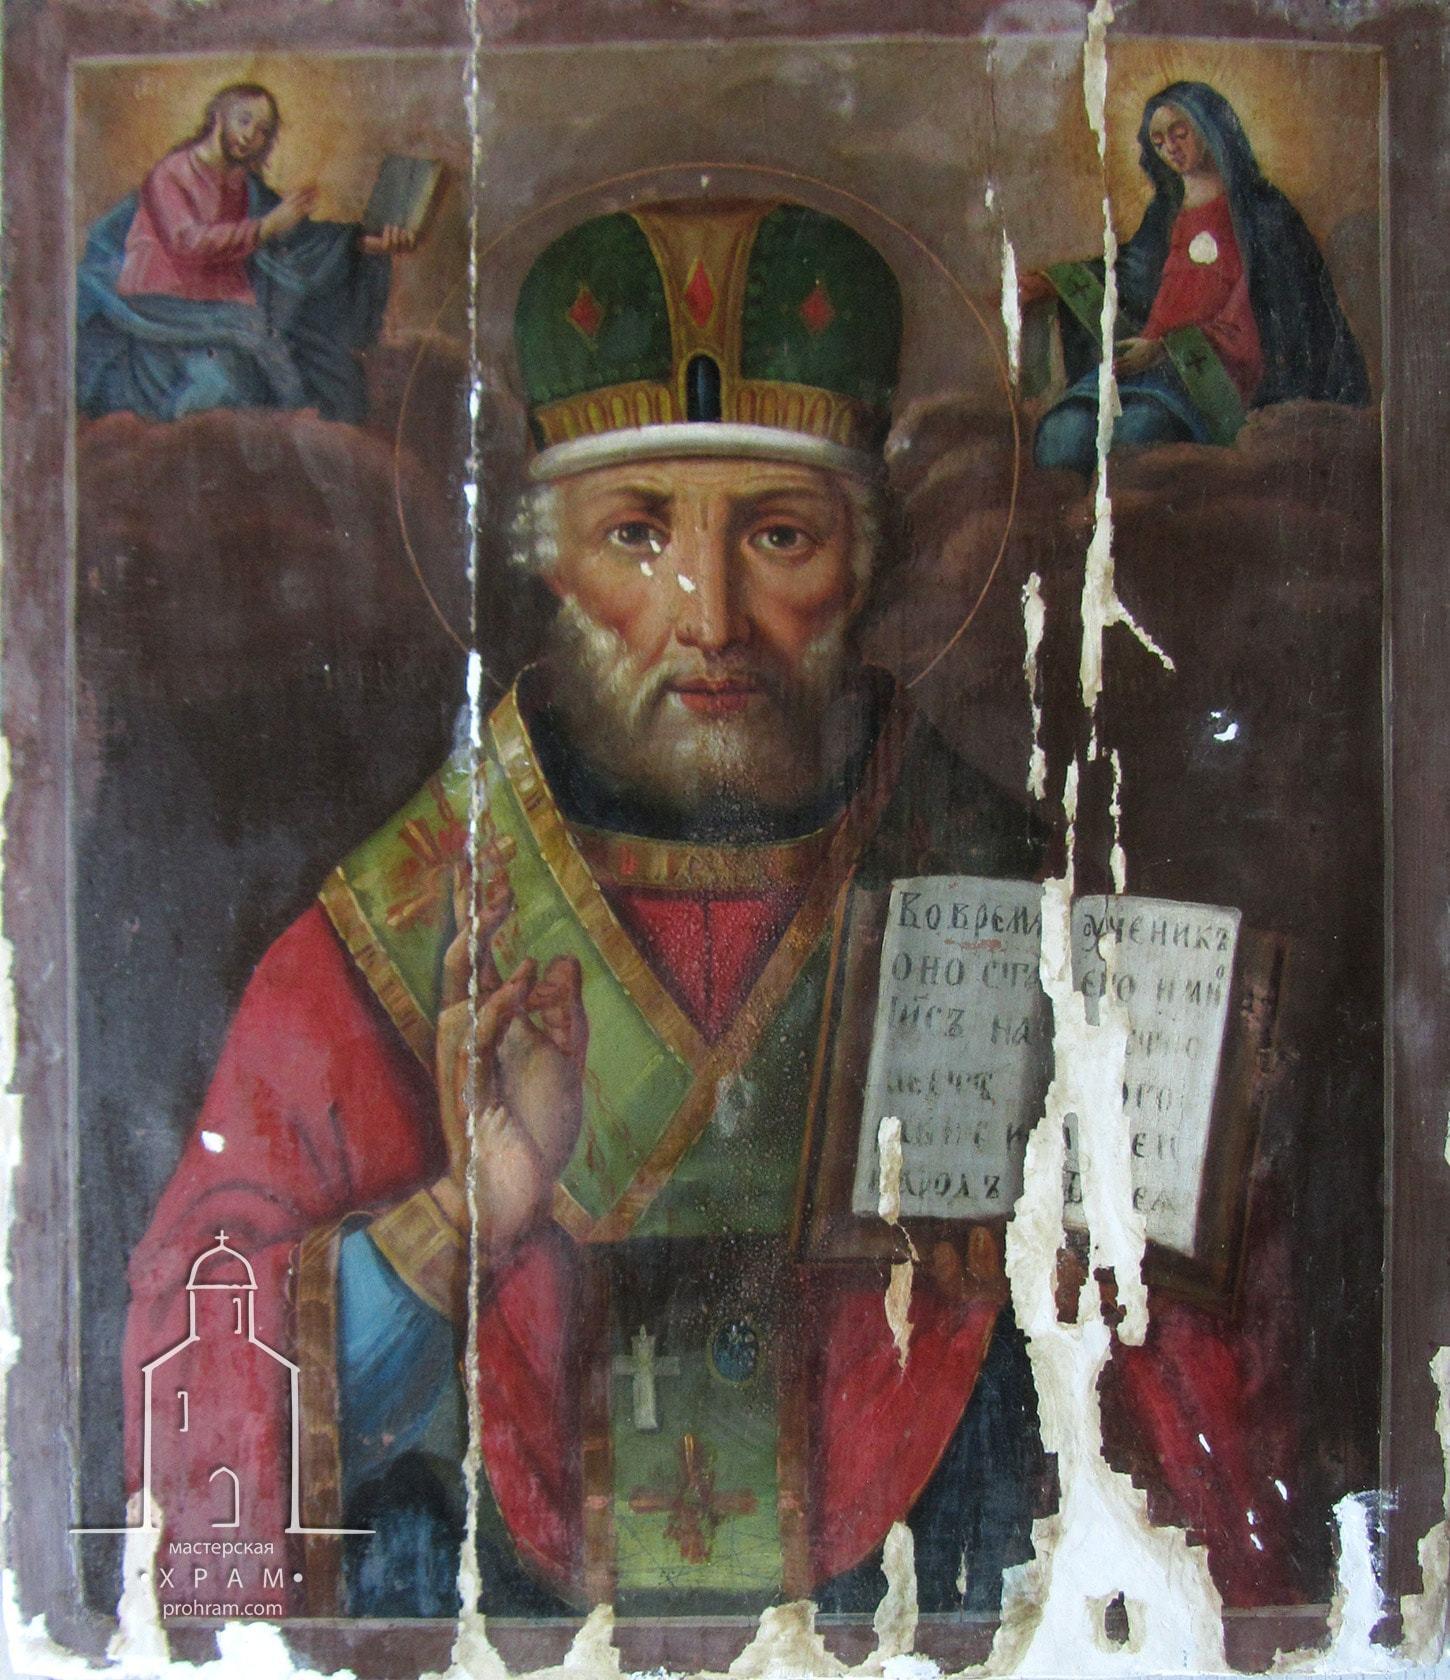 Реставрация икона, святитель Николай Чудотворец, реставрация деревянных икон, реставрация домашней иконы, реставрация иконы москва, реставрация иконы фото до и после